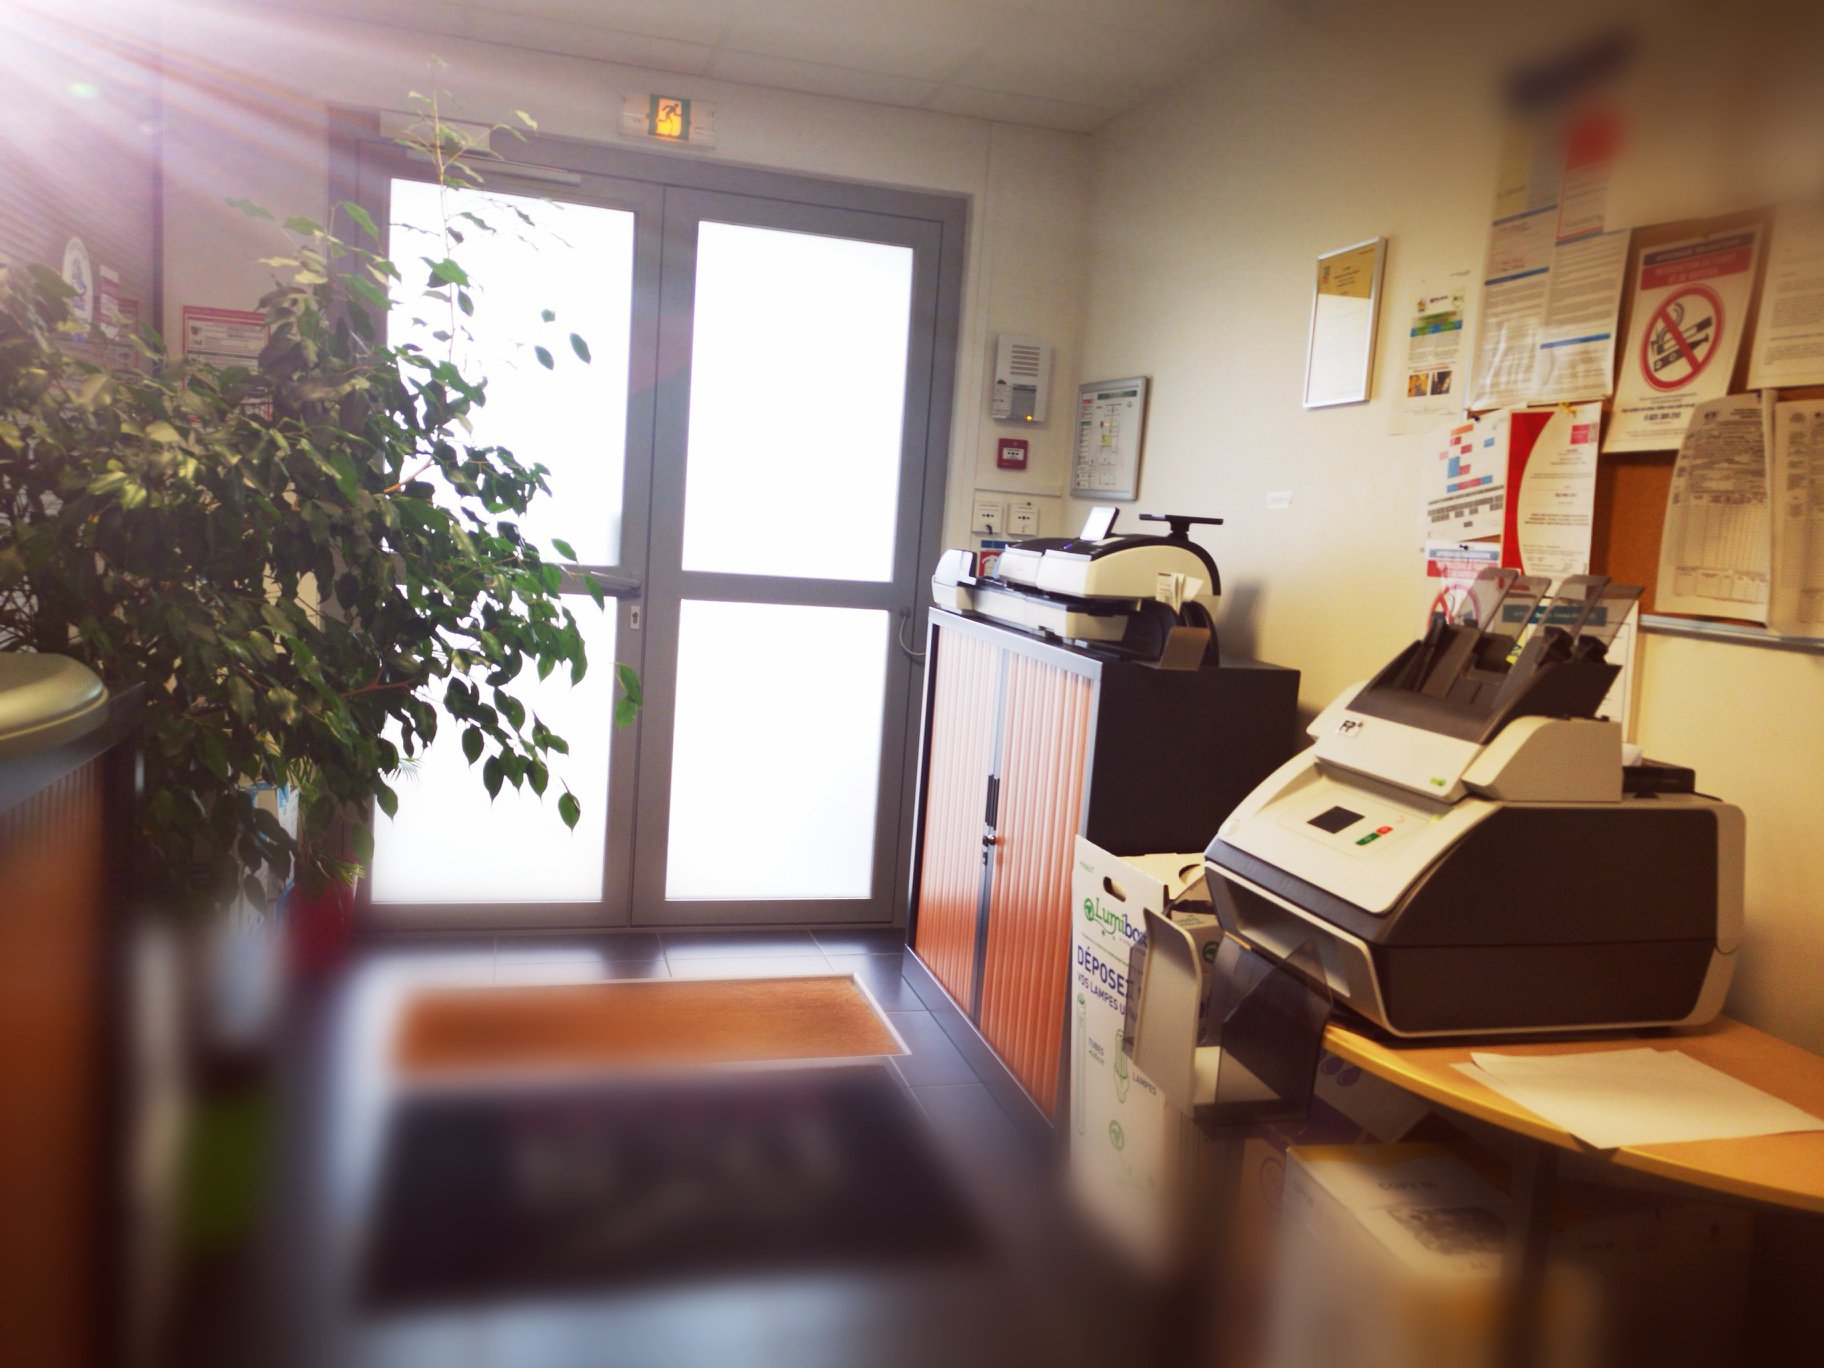 Location Bureau - Bagnols-sur-Cèze